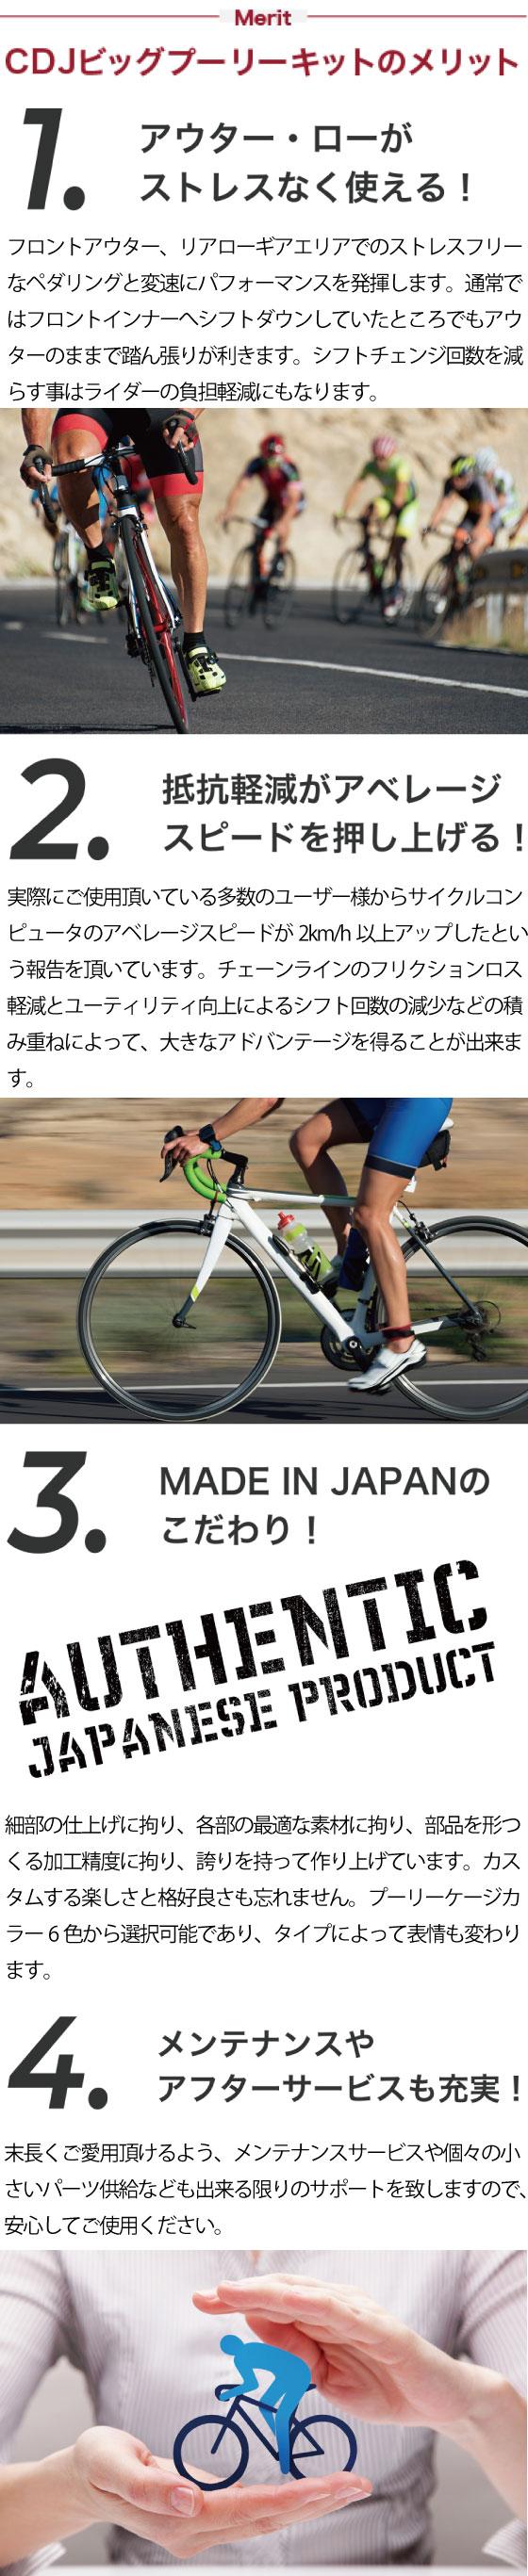 Carbon Dry Japan カーボンドライジャパン